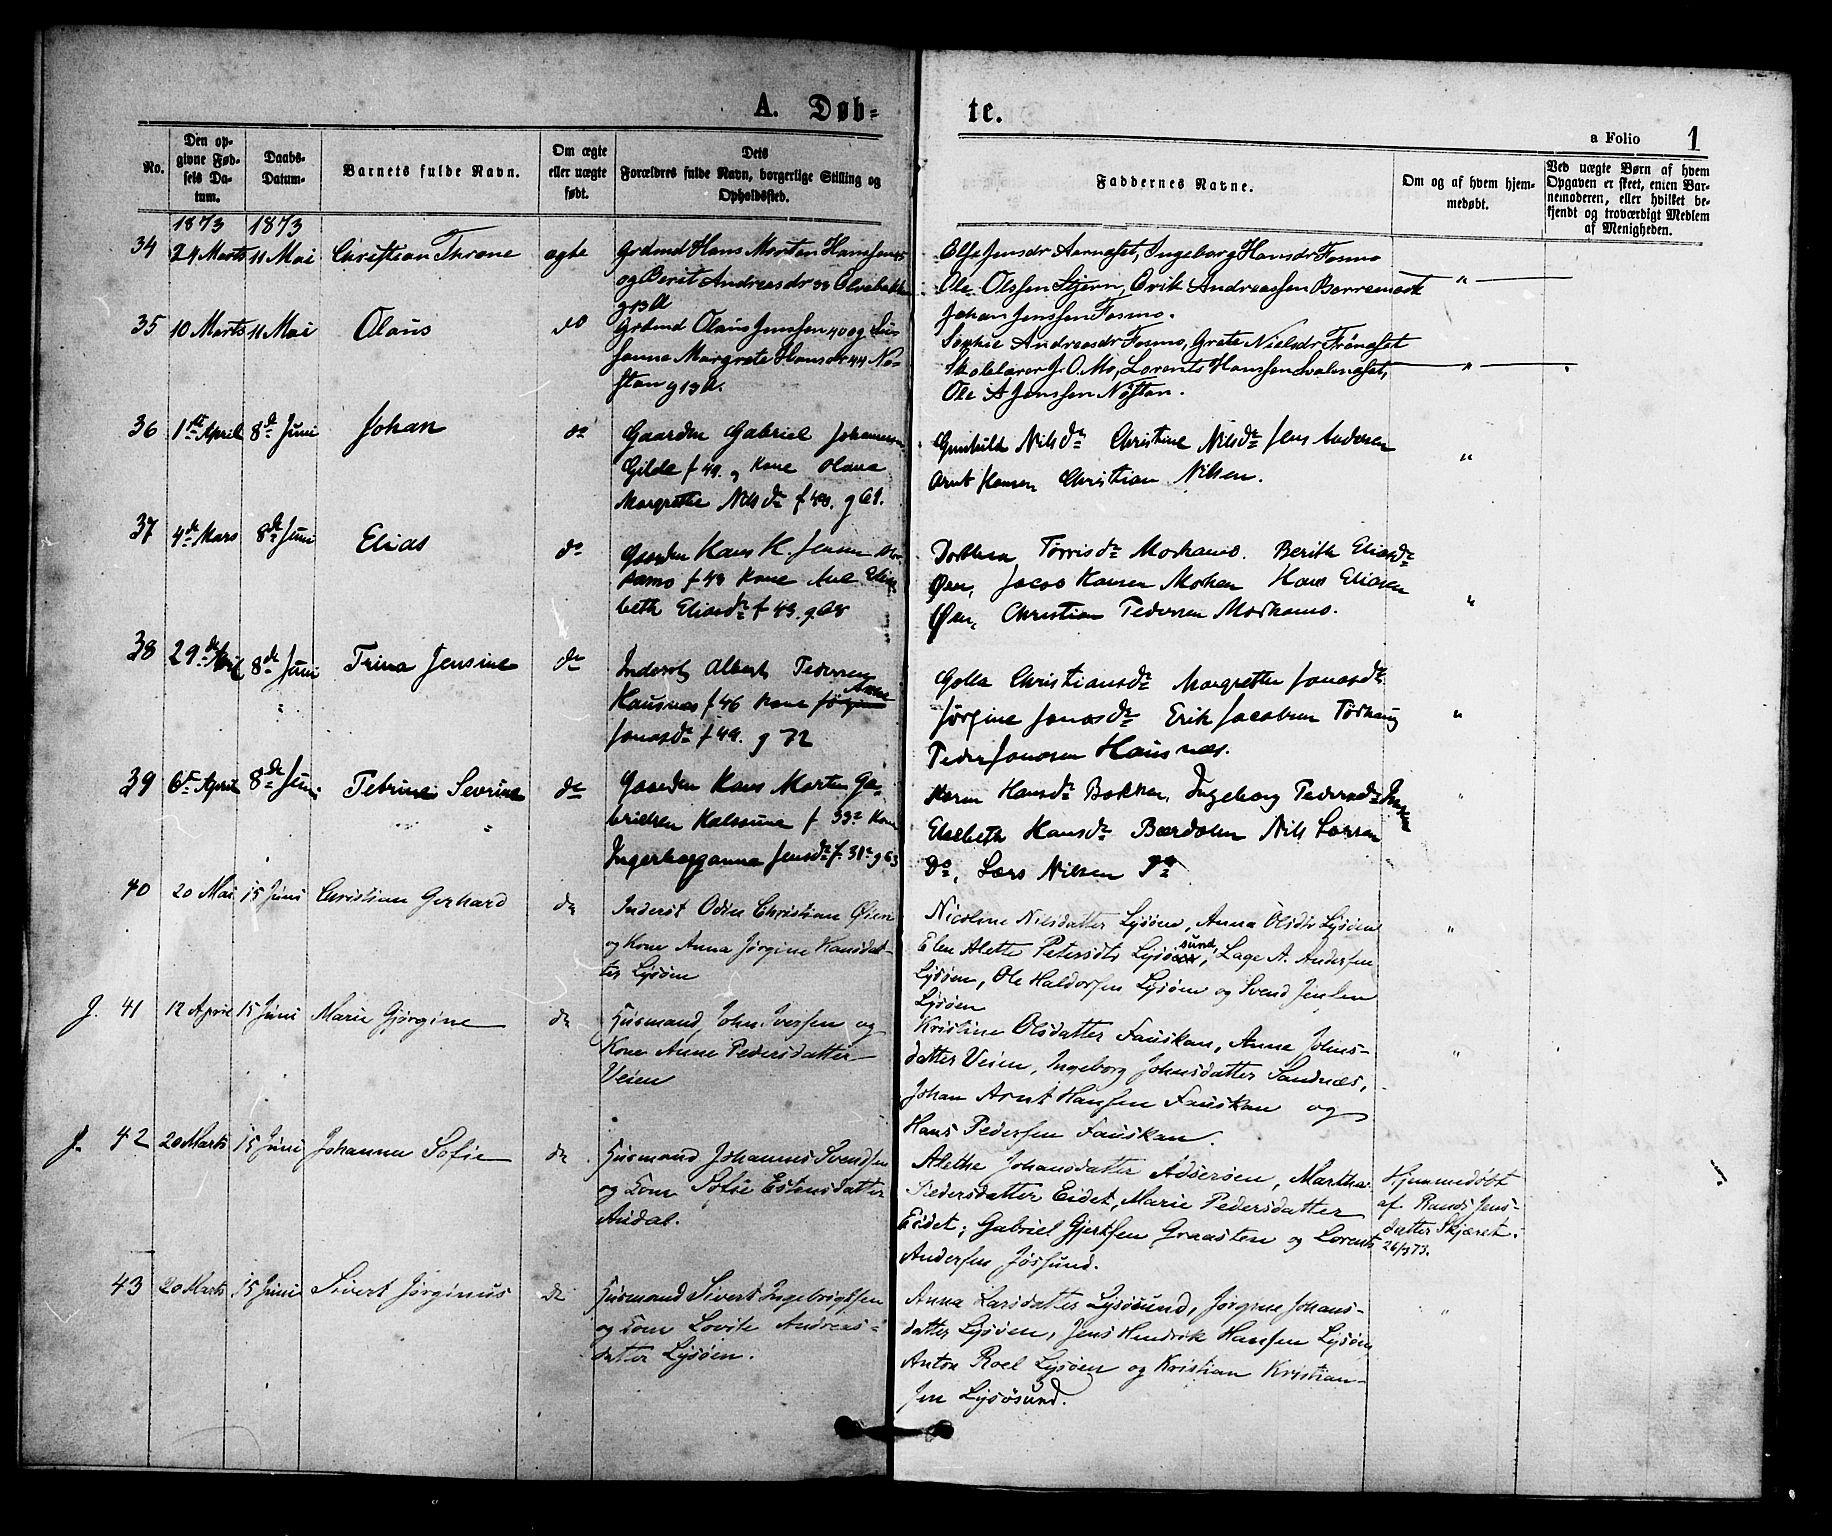 SAT, Ministerialprotokoller, klokkerbøker og fødselsregistre - Sør-Trøndelag, 655/L0679: Ministerialbok nr. 655A08, 1873-1879, s. 1